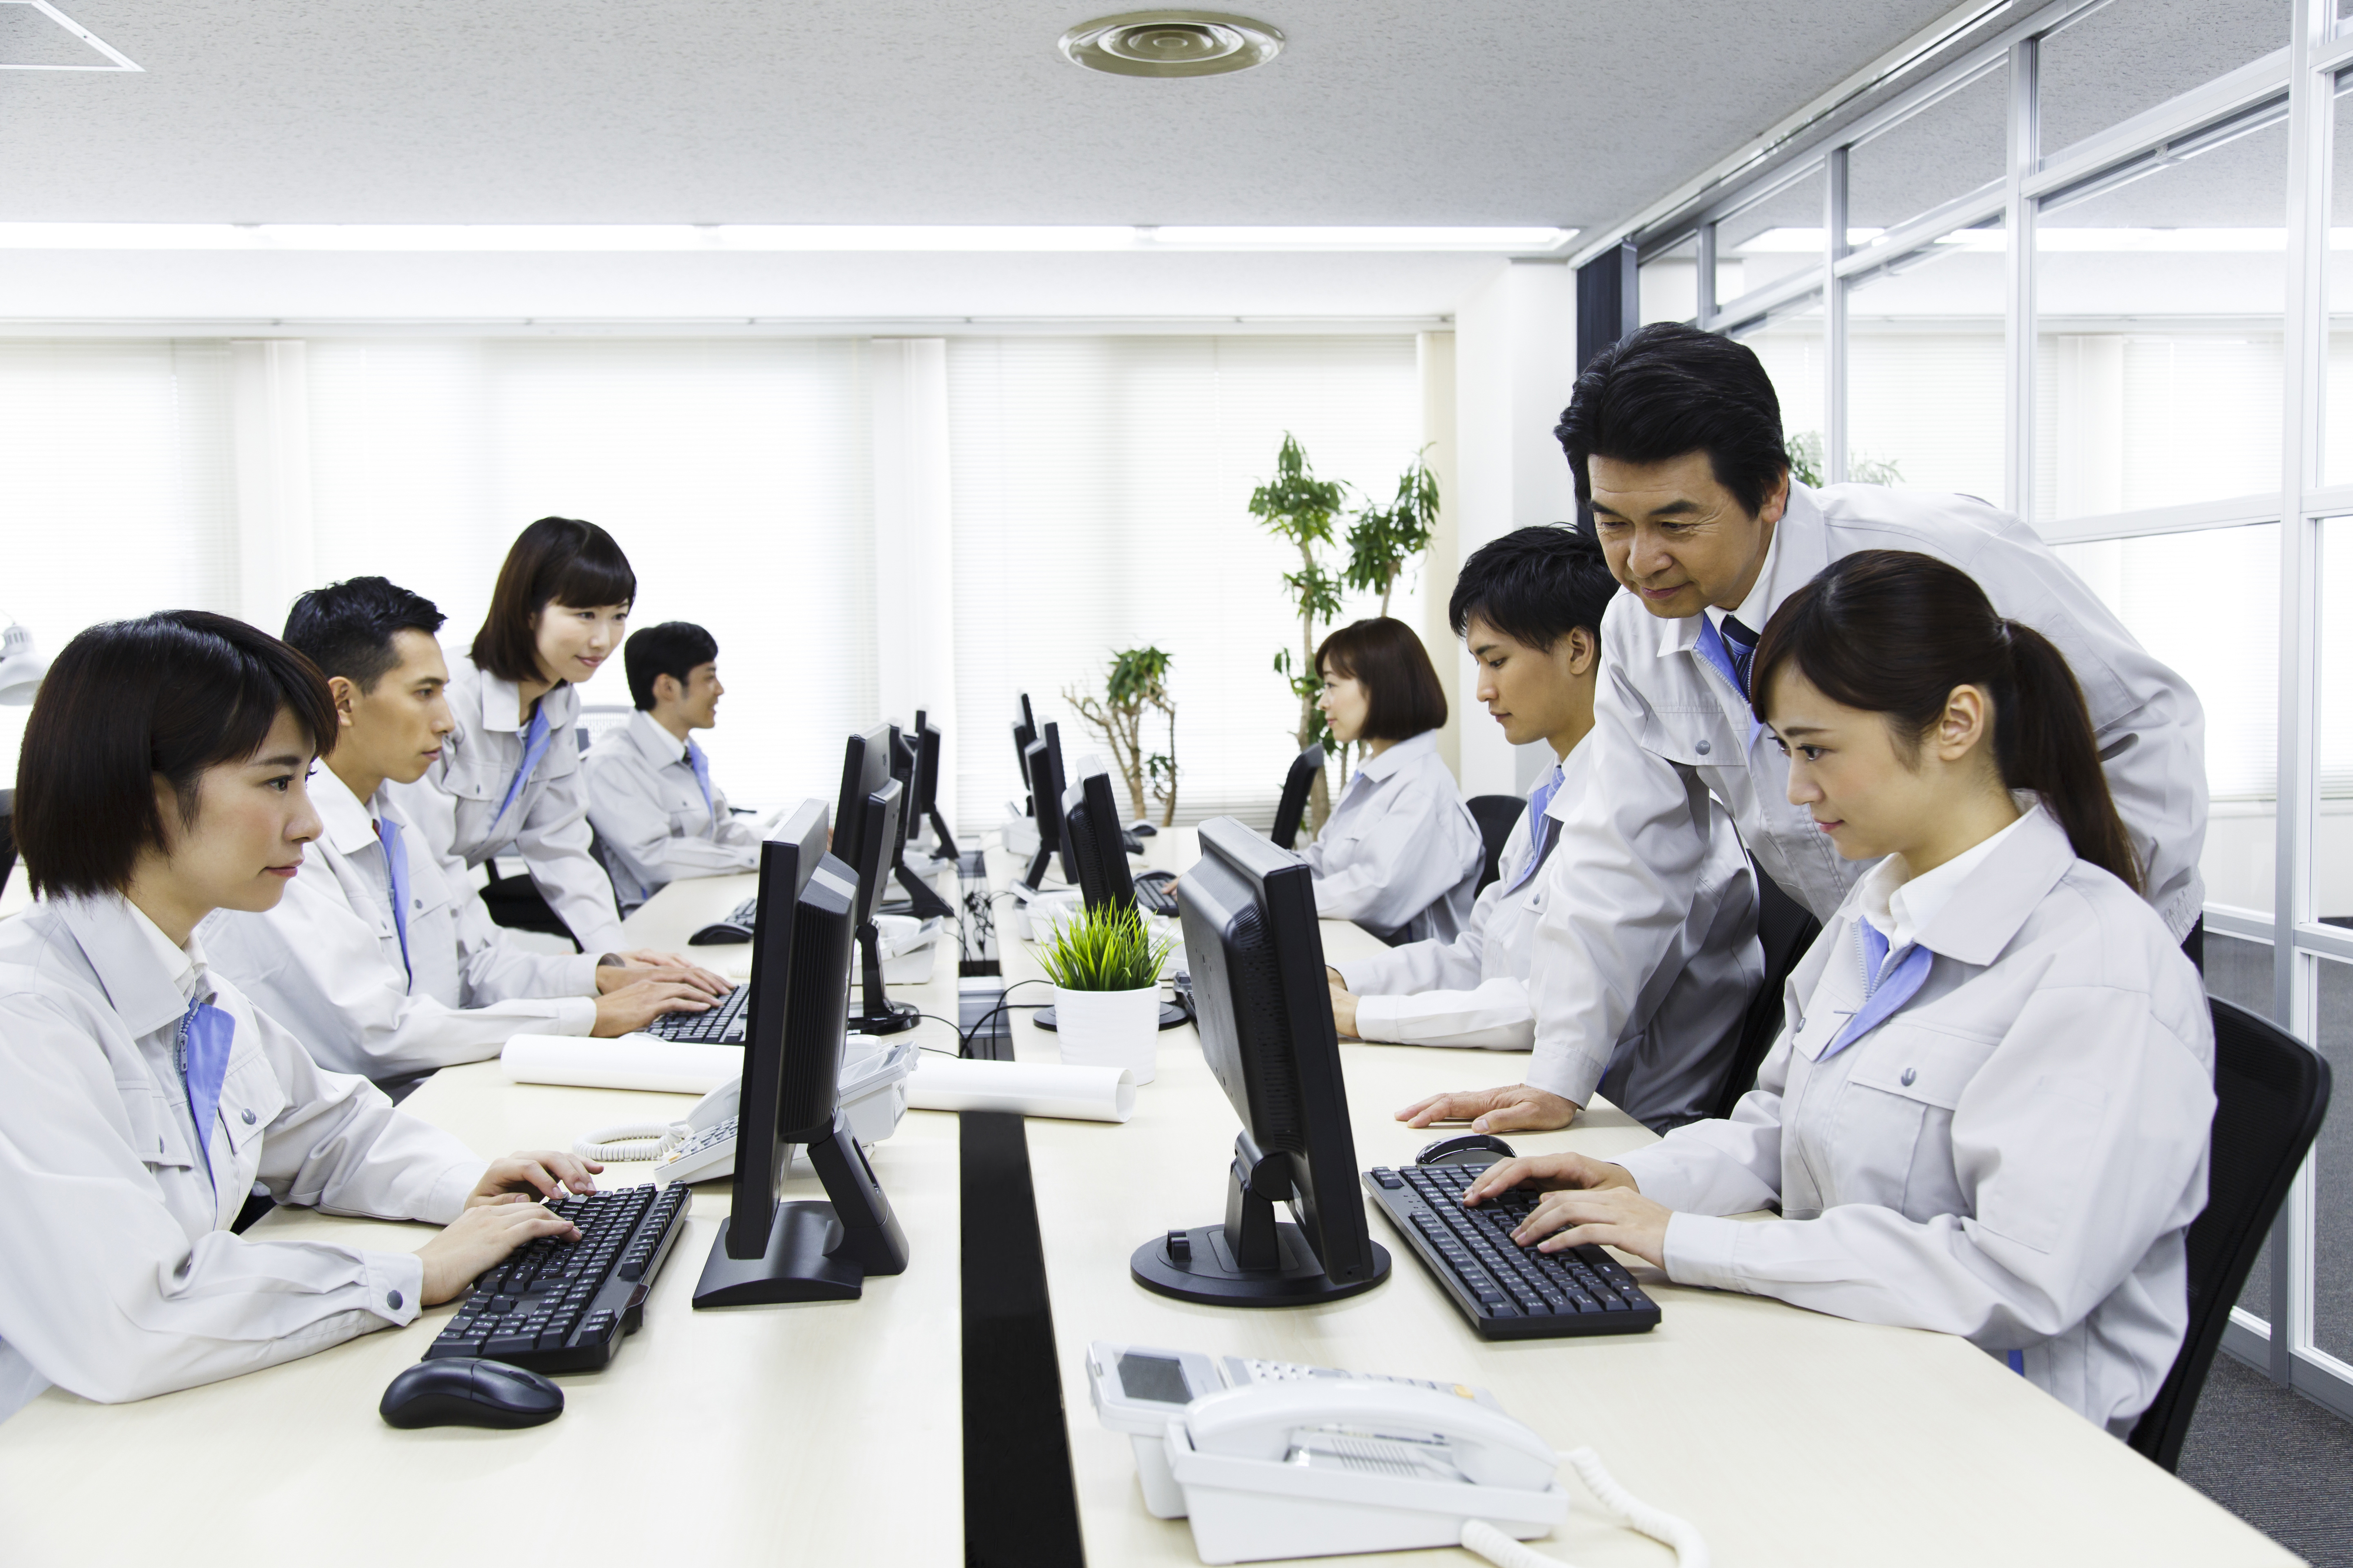 職場環境を紹介するプロモーションVR